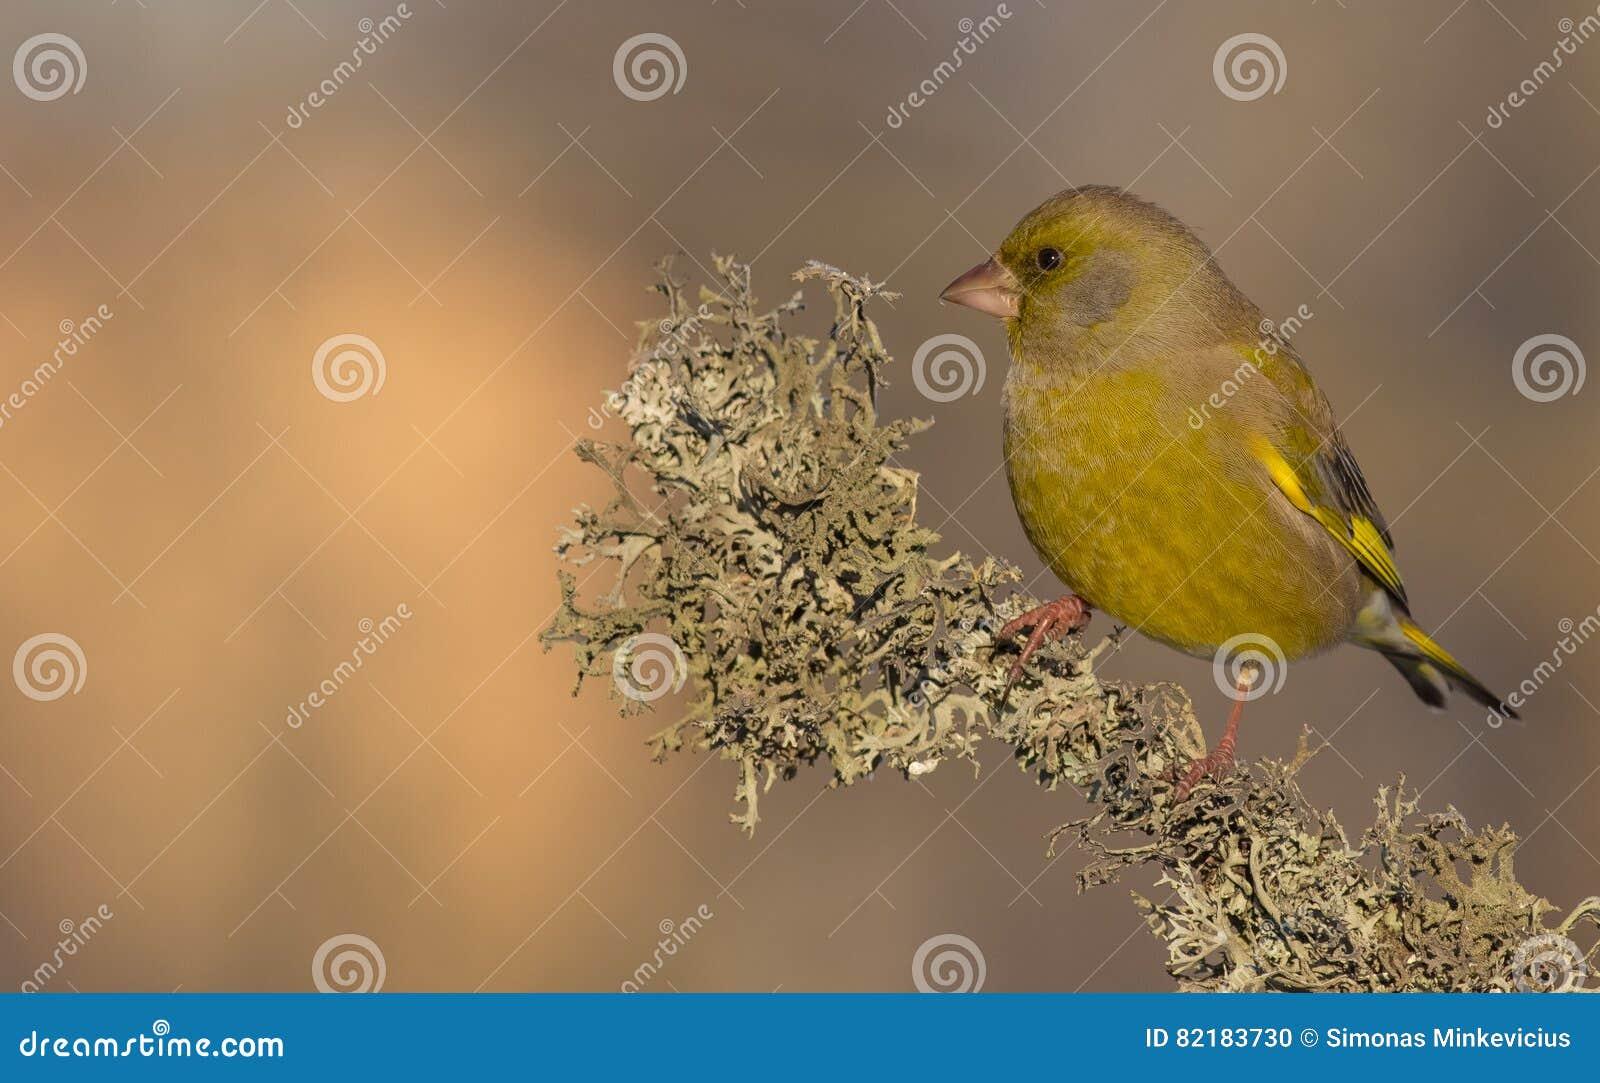 Ευρωπαϊκά chloris Greenfinch - Carduelis